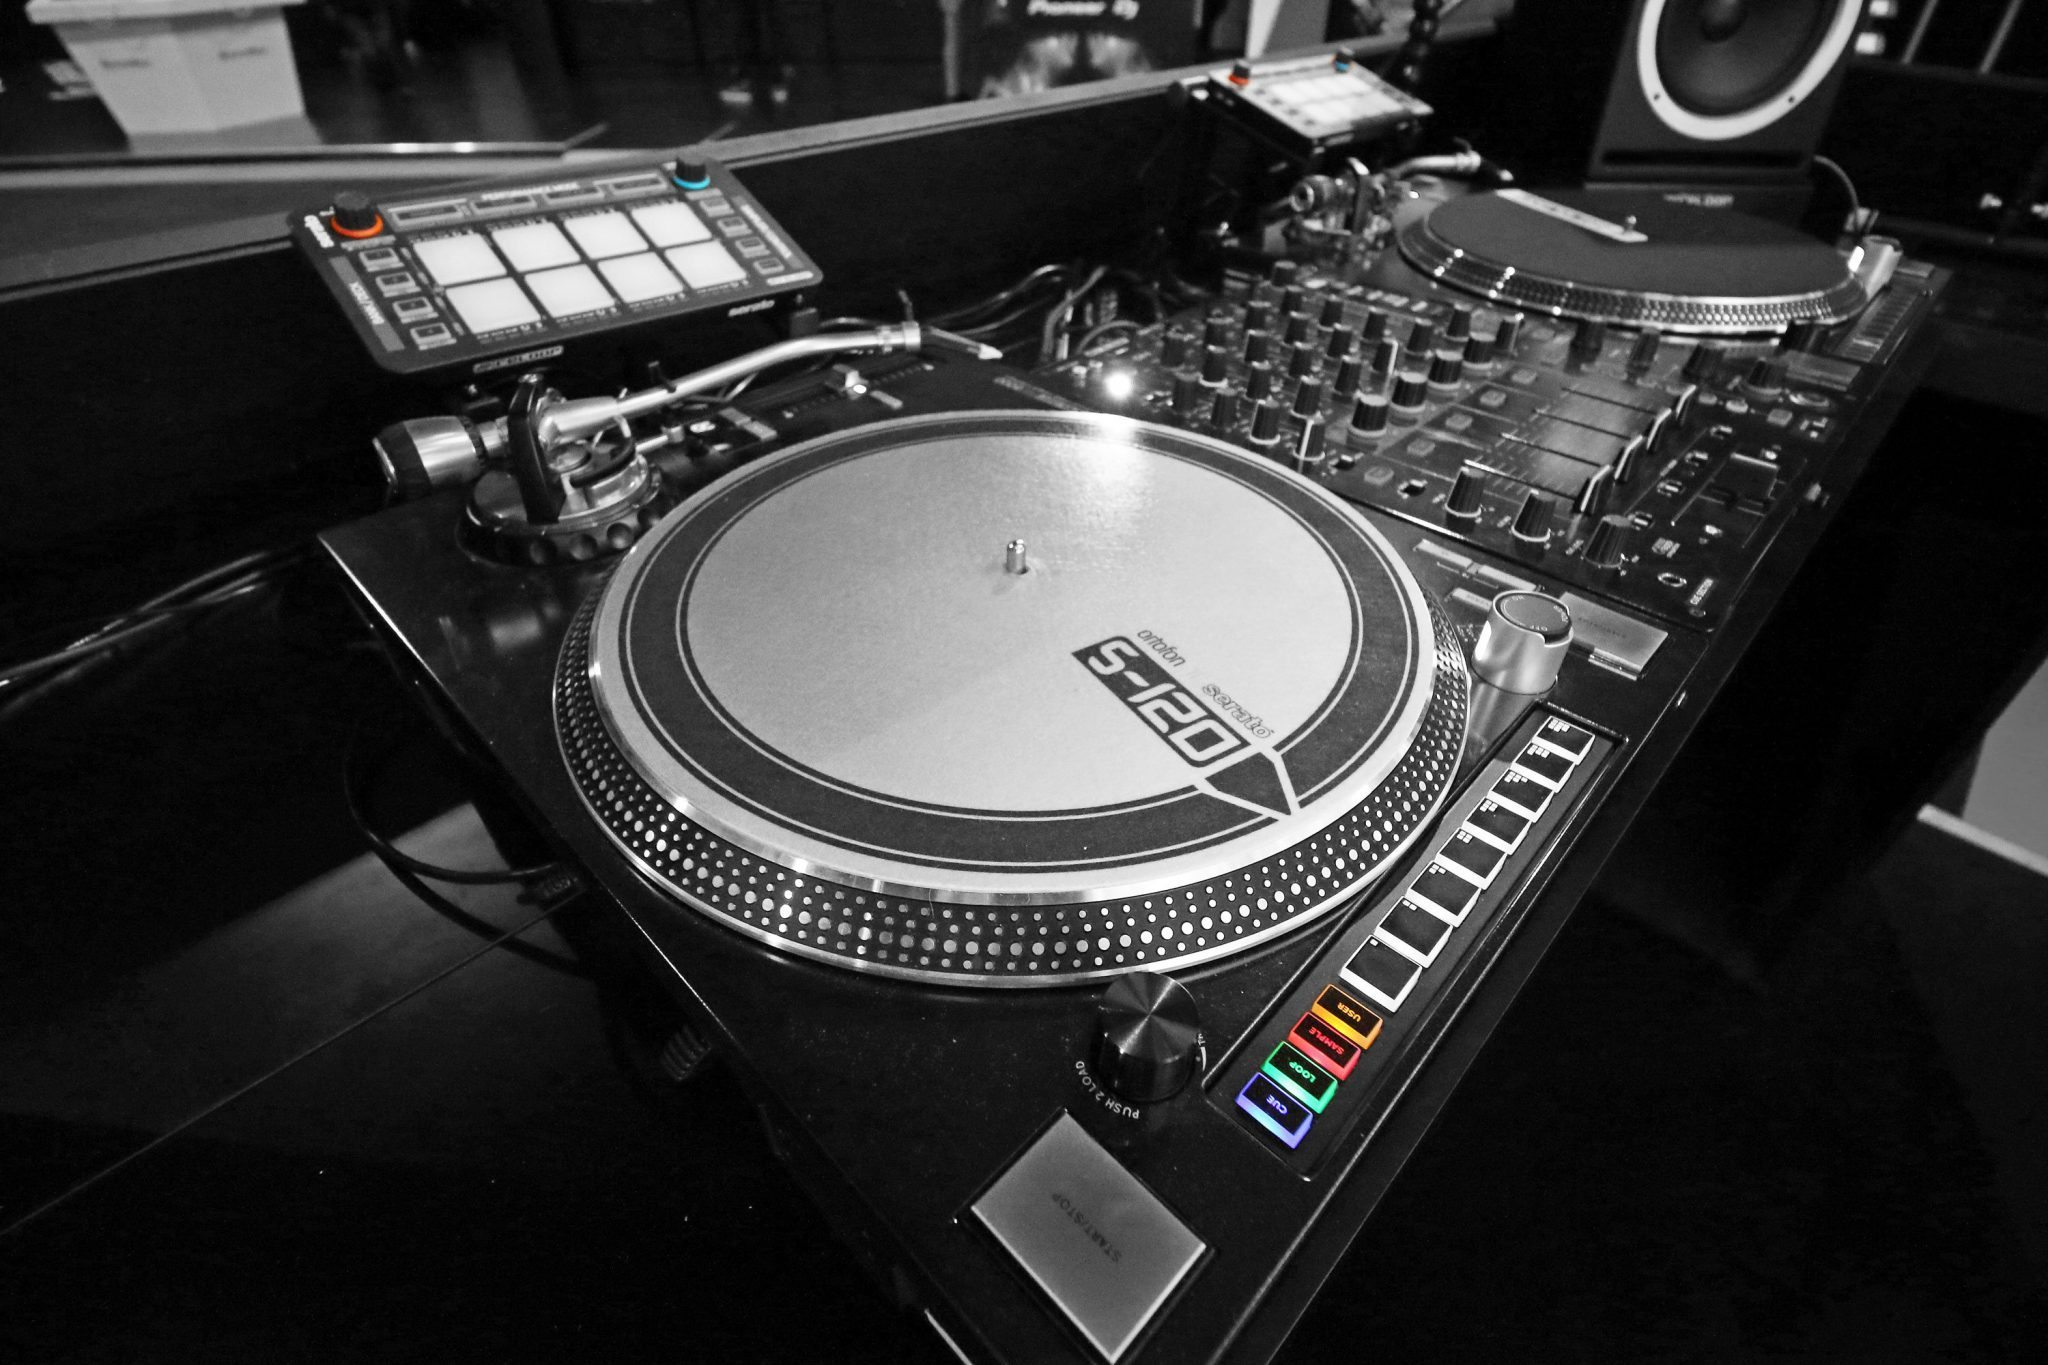 Reloop RP-8000 Seato DJ turntable